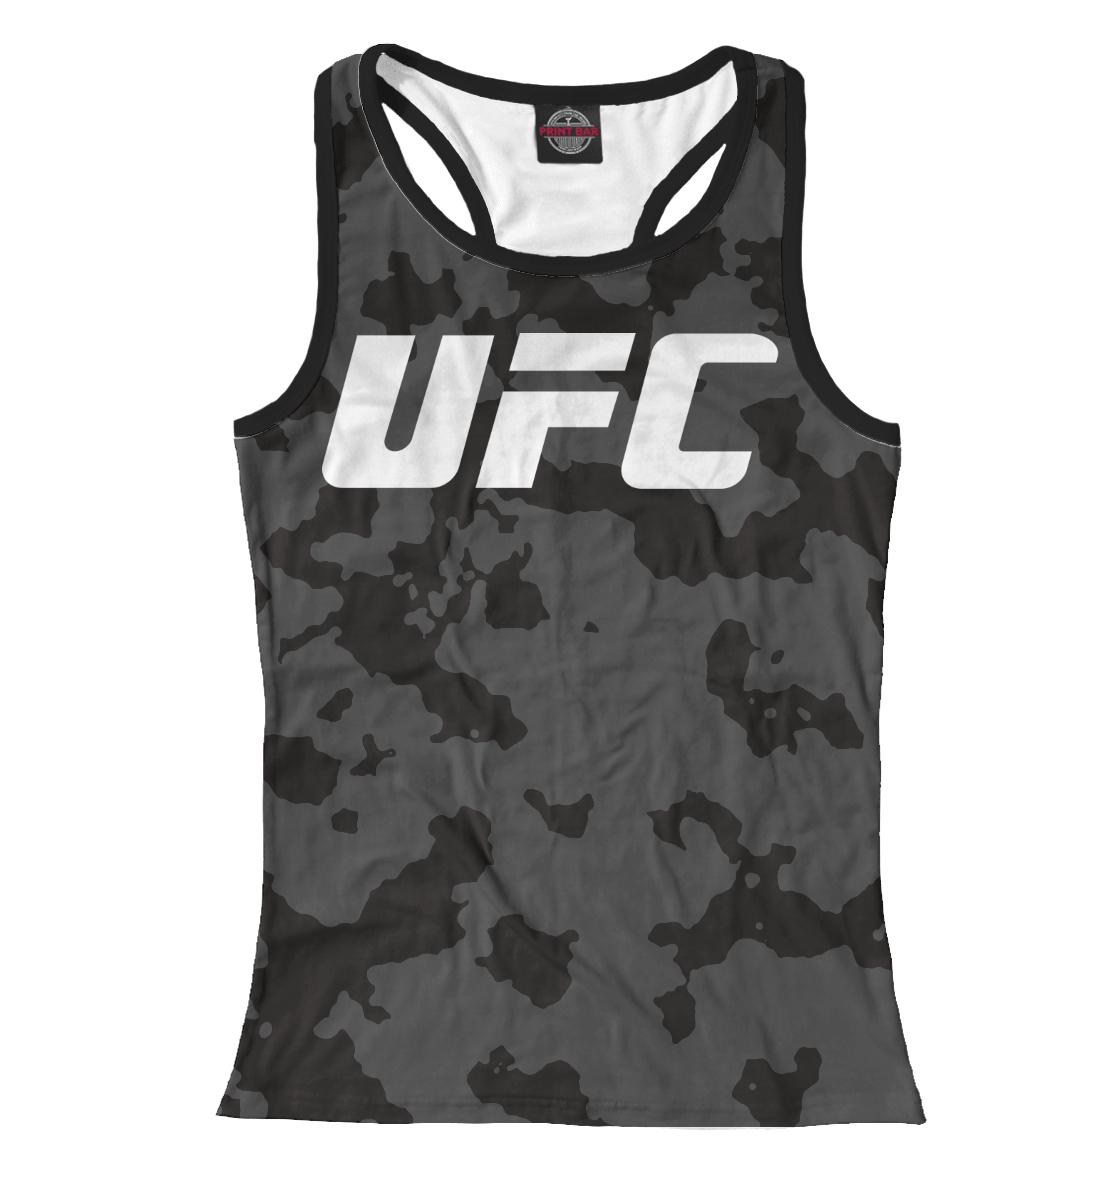 Купить UFC камуфляж, Printbar, Майки борцовки, MNU-266837-mayb-1